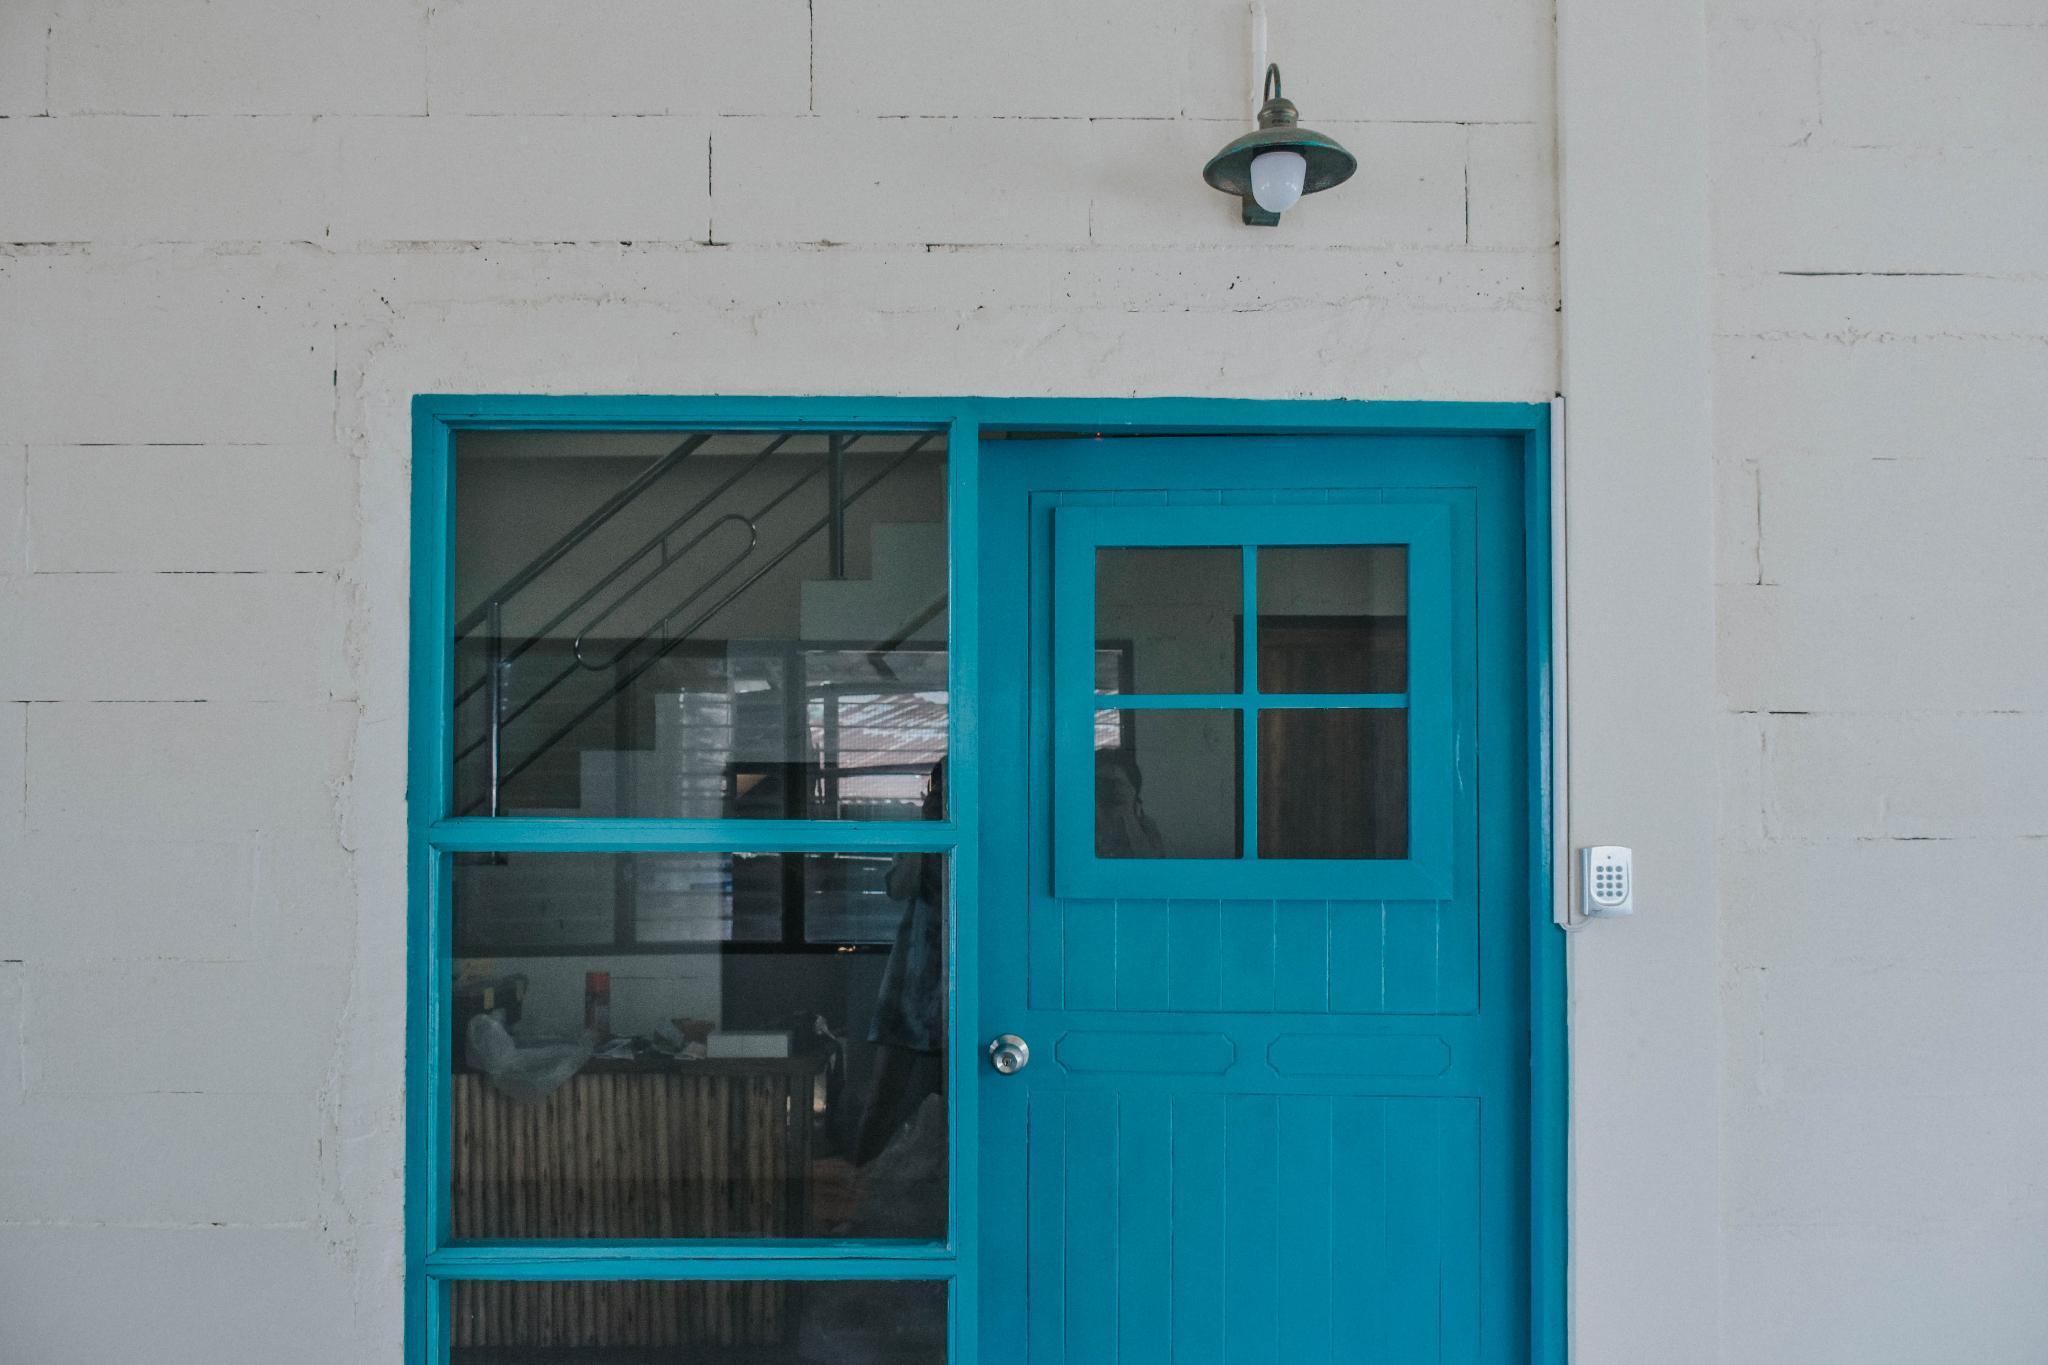 Lhong Lay House